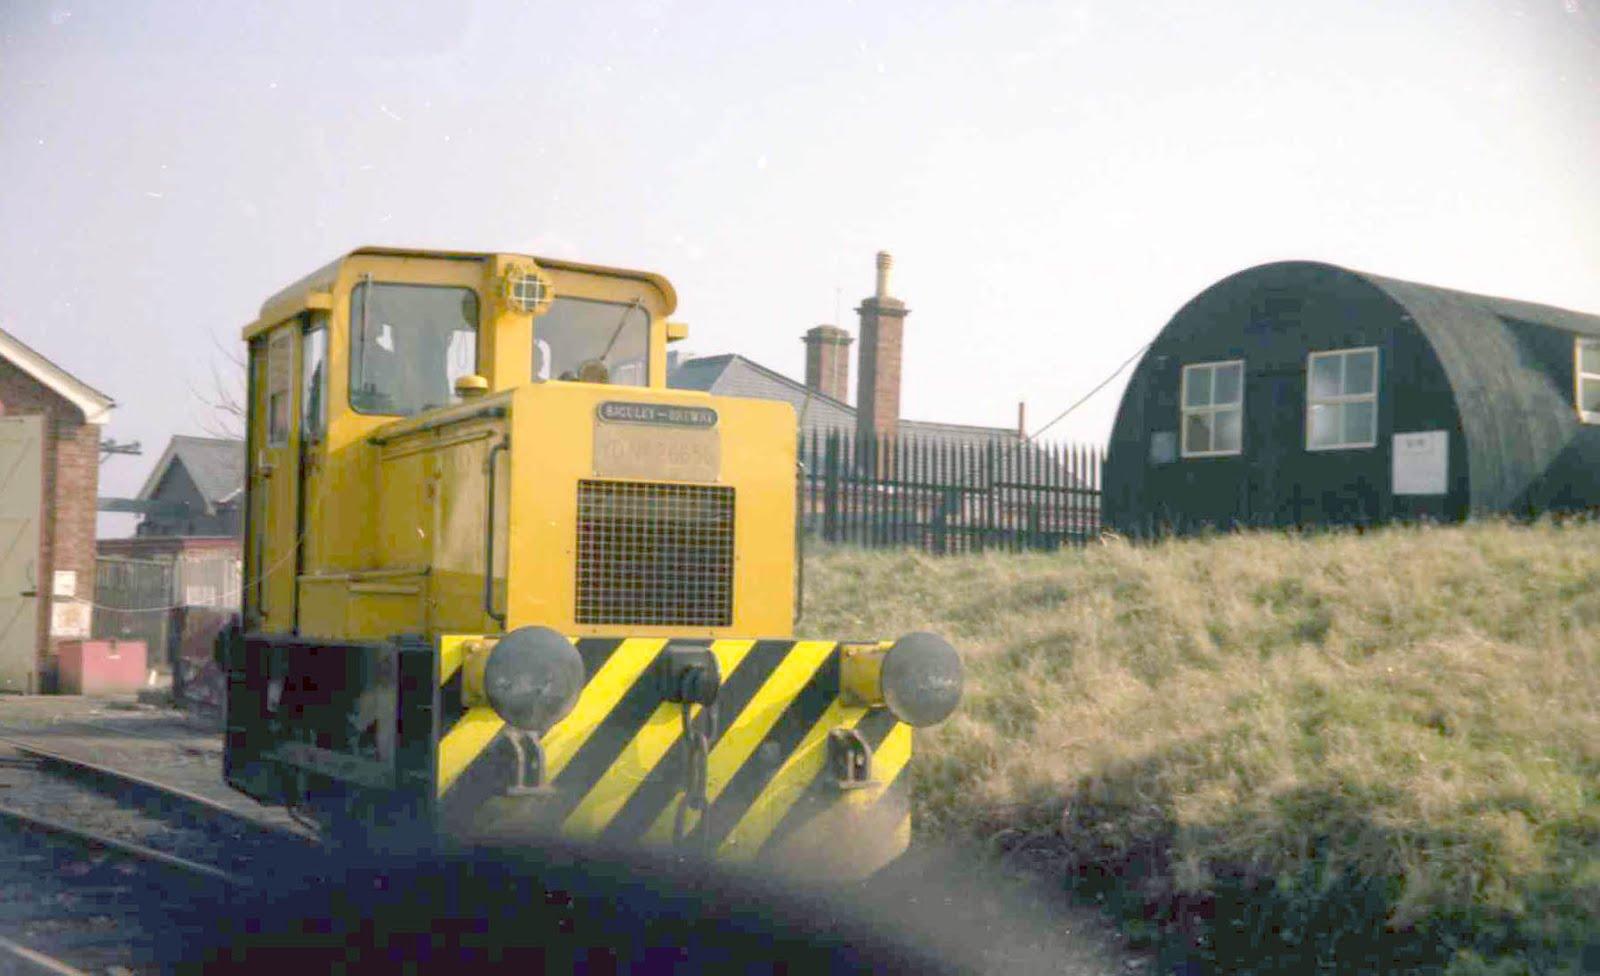 Bedenham shunter 1986